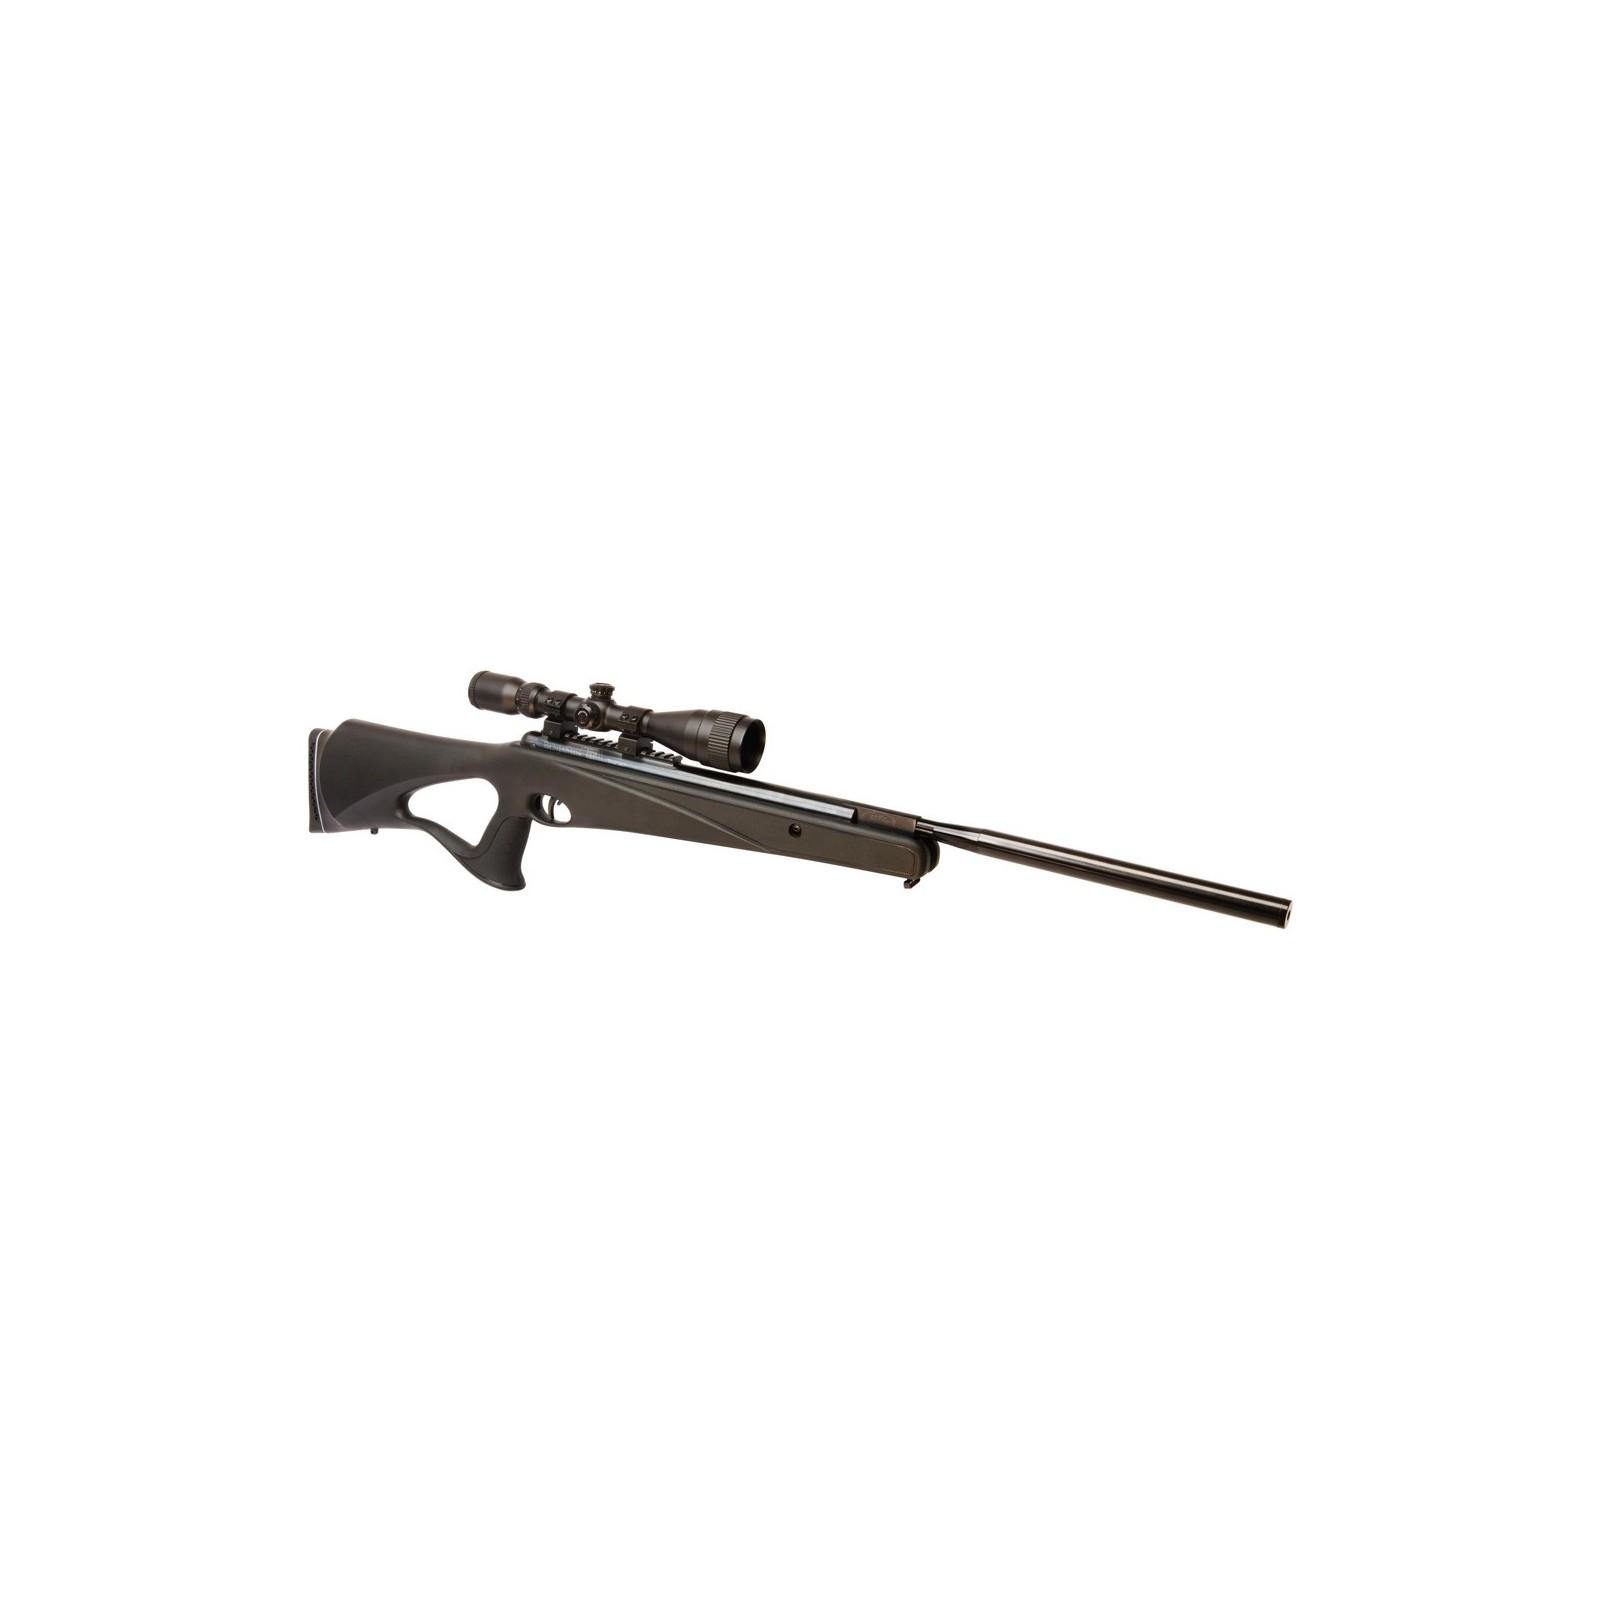 Rifle Benjamin Trail Nitro Piston 5 5 Diabolo 1200 Fps